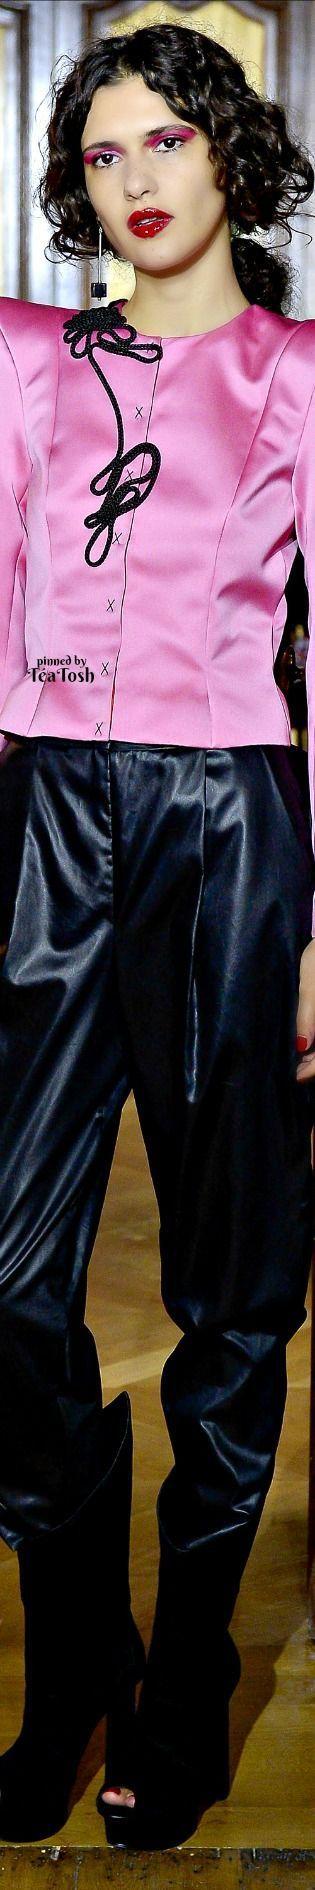 ❇Téa Tosh❇ Ronald van der Kemp, Fall 2017, Couture